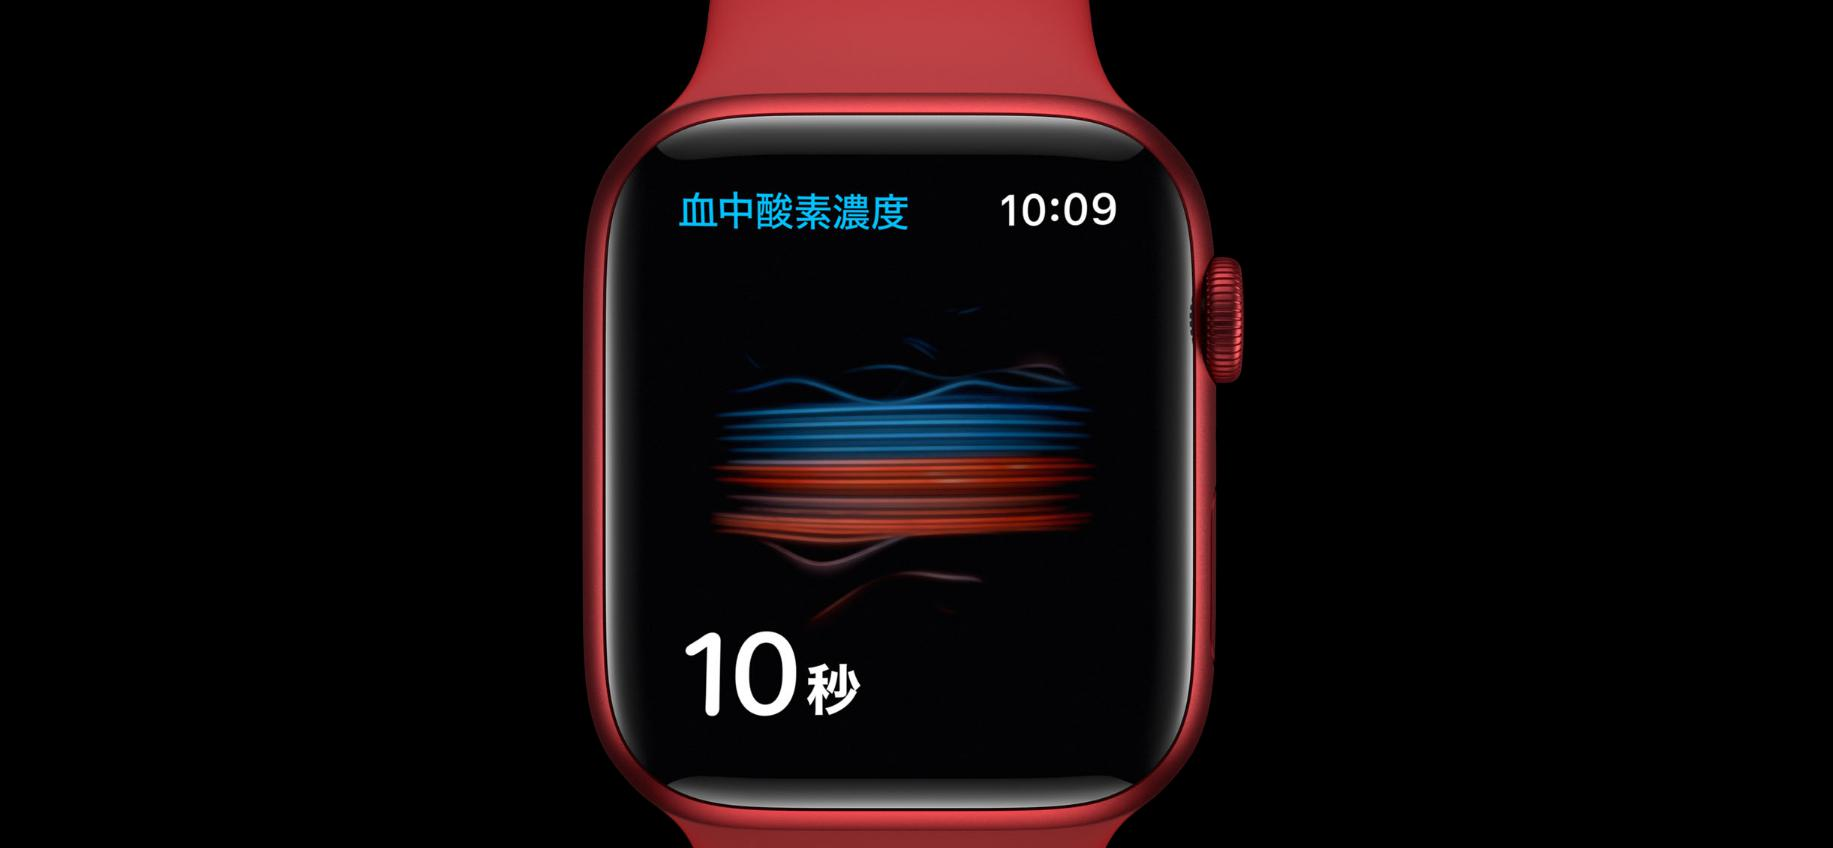 Apple Watch Series 6とSEの違いを比較!6にしかない機能・共通機能・スペック解説